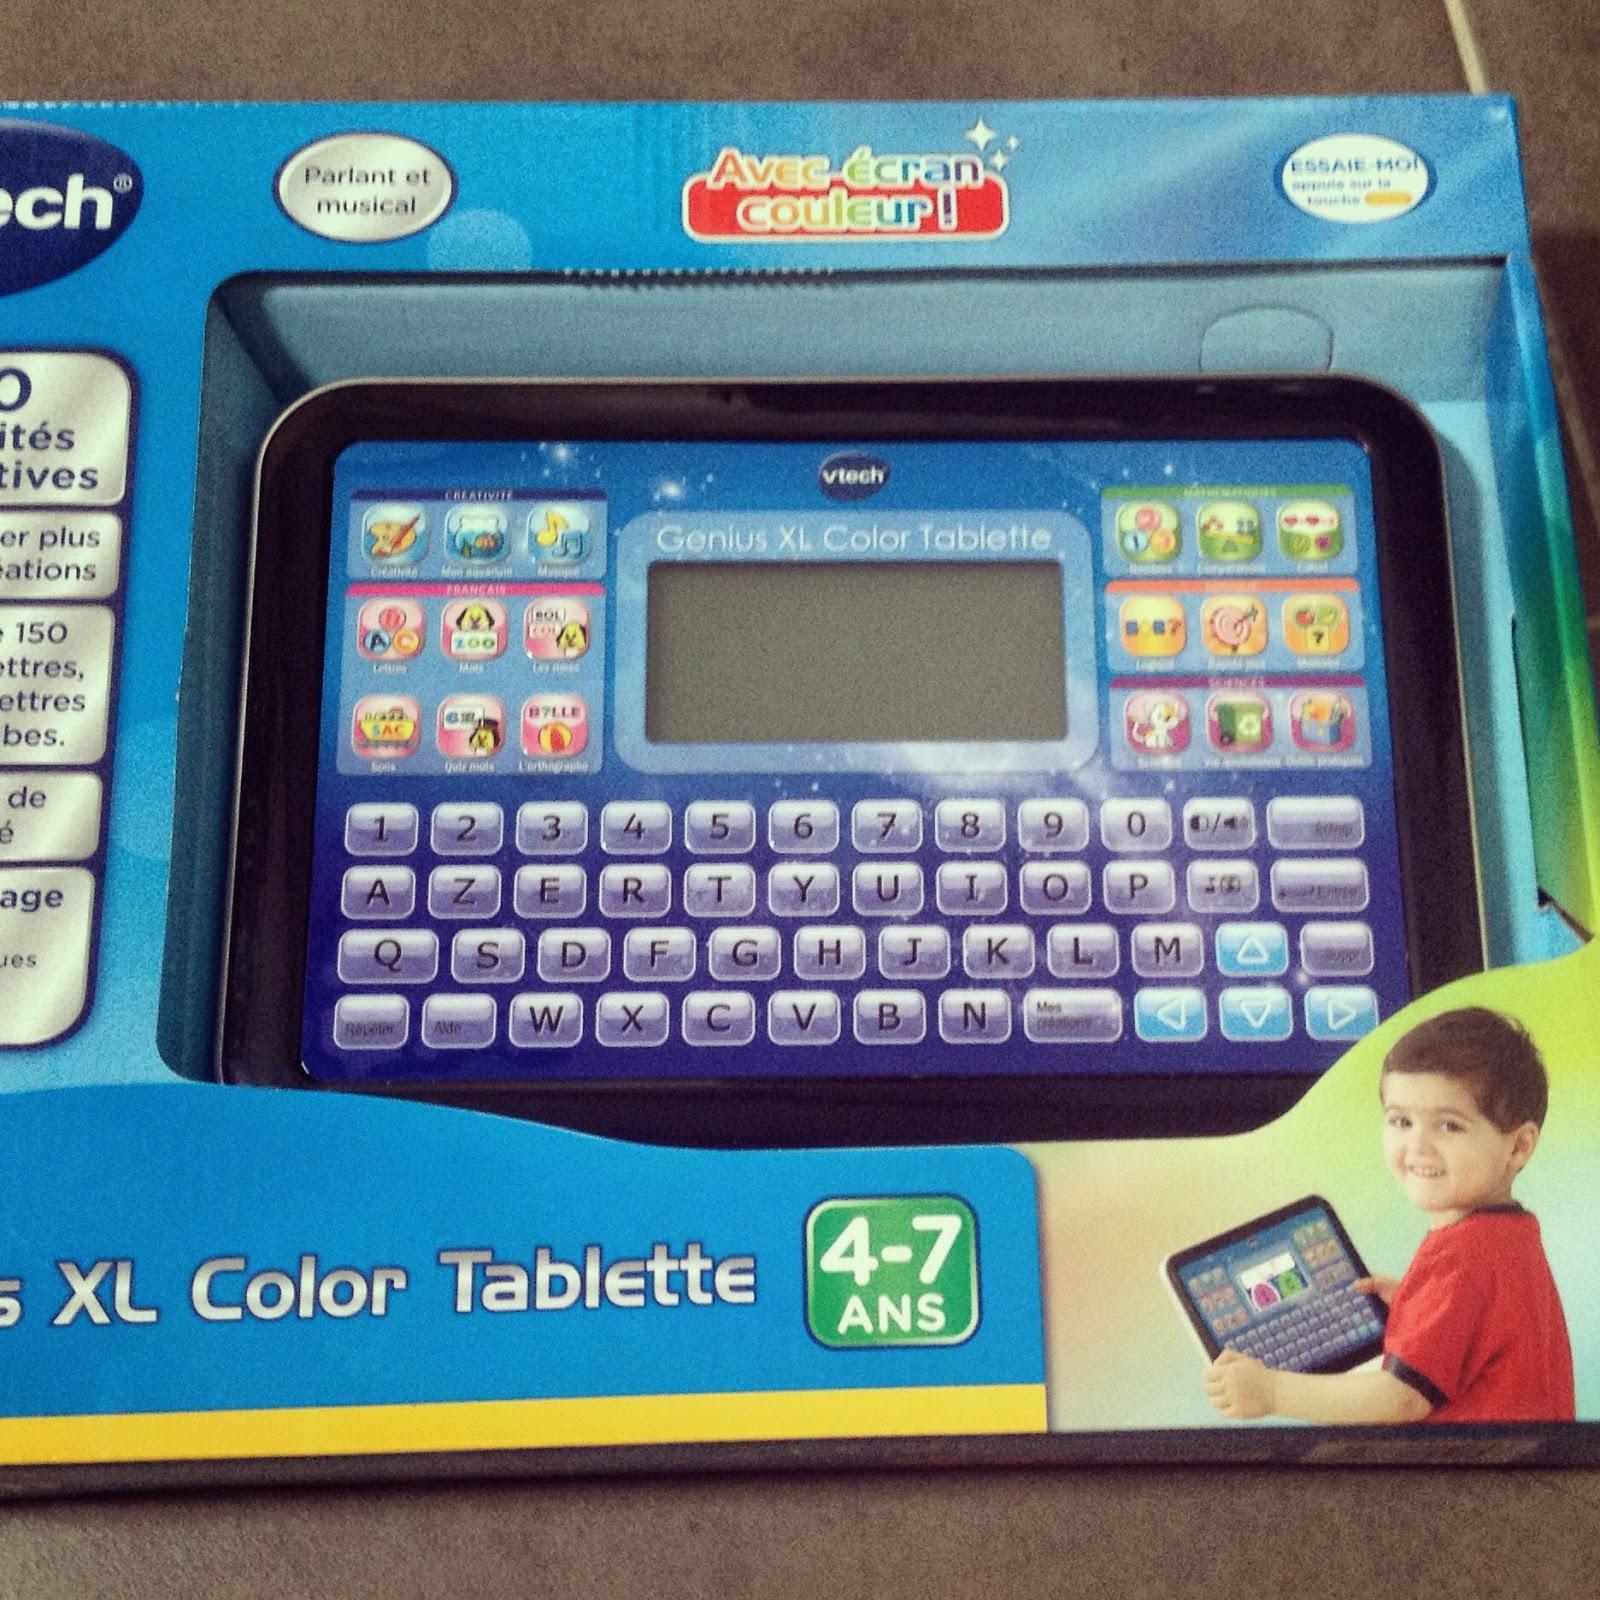 gnius xl color tablette test - Genius Xl Color